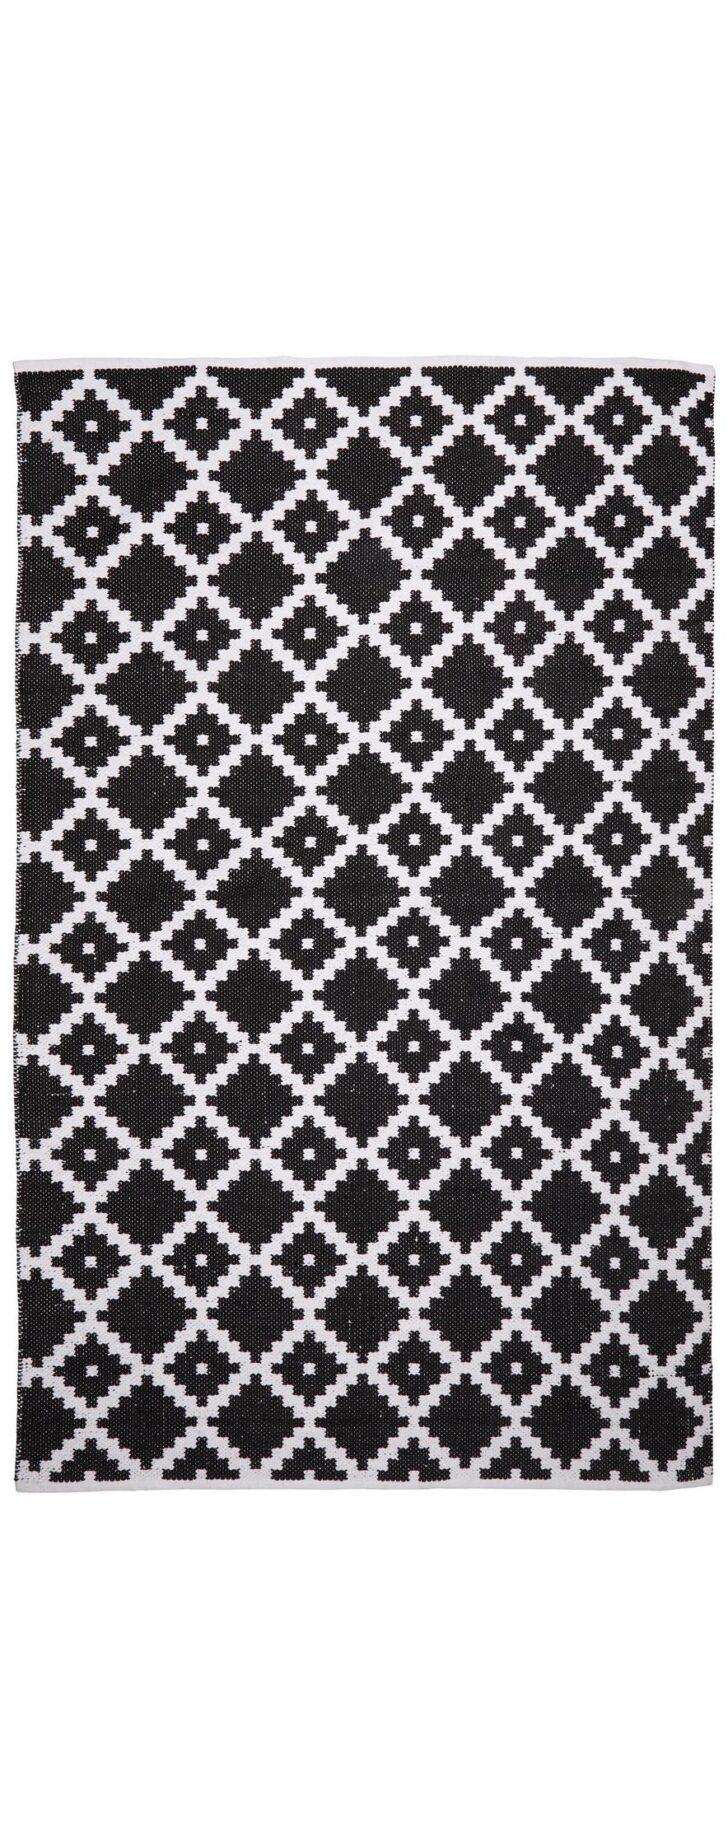 Medium Size of Teppich Schwarz Weiß In Wei Online Bestellen Hängeschrank Hochglanz Wohnzimmer Weißes Schlafzimmer Weiße Regale Regal Metall Esstisch Oval Bad Sofa Bett Wohnzimmer Teppich Schwarz Weiß